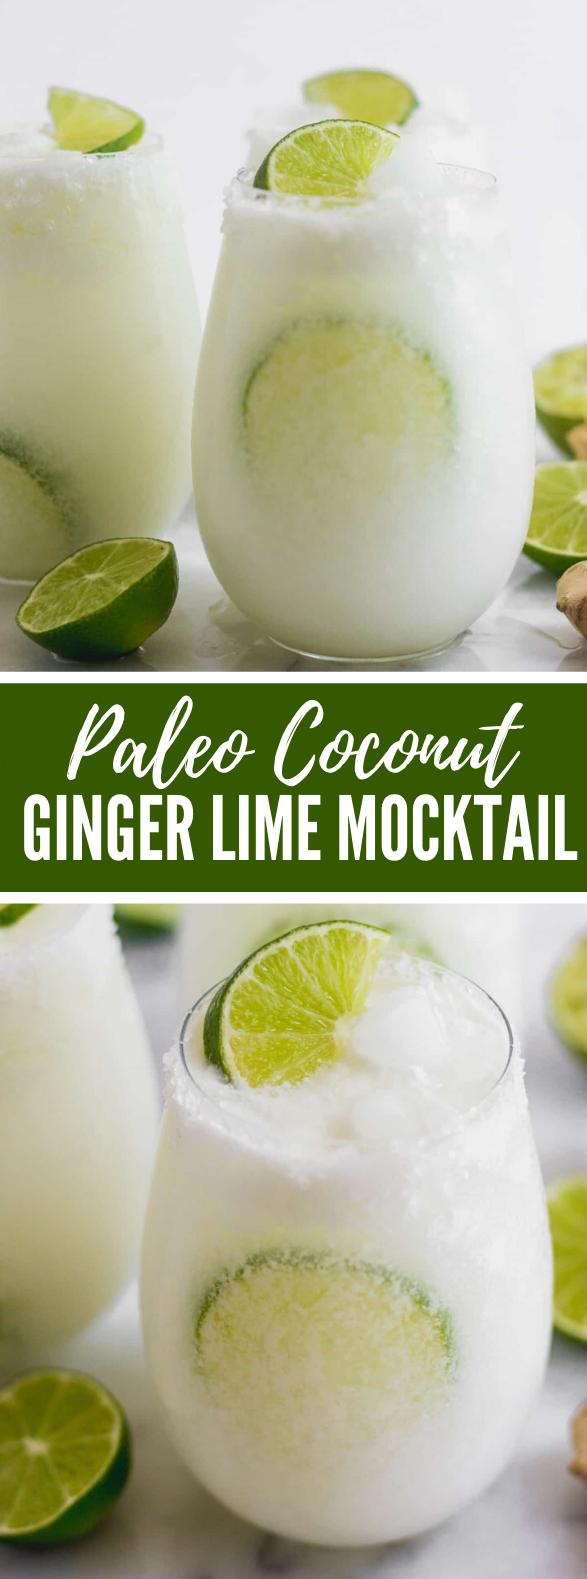 PALEO COCONUT GINGER LIME MOCKTAIL #drinks #whole30